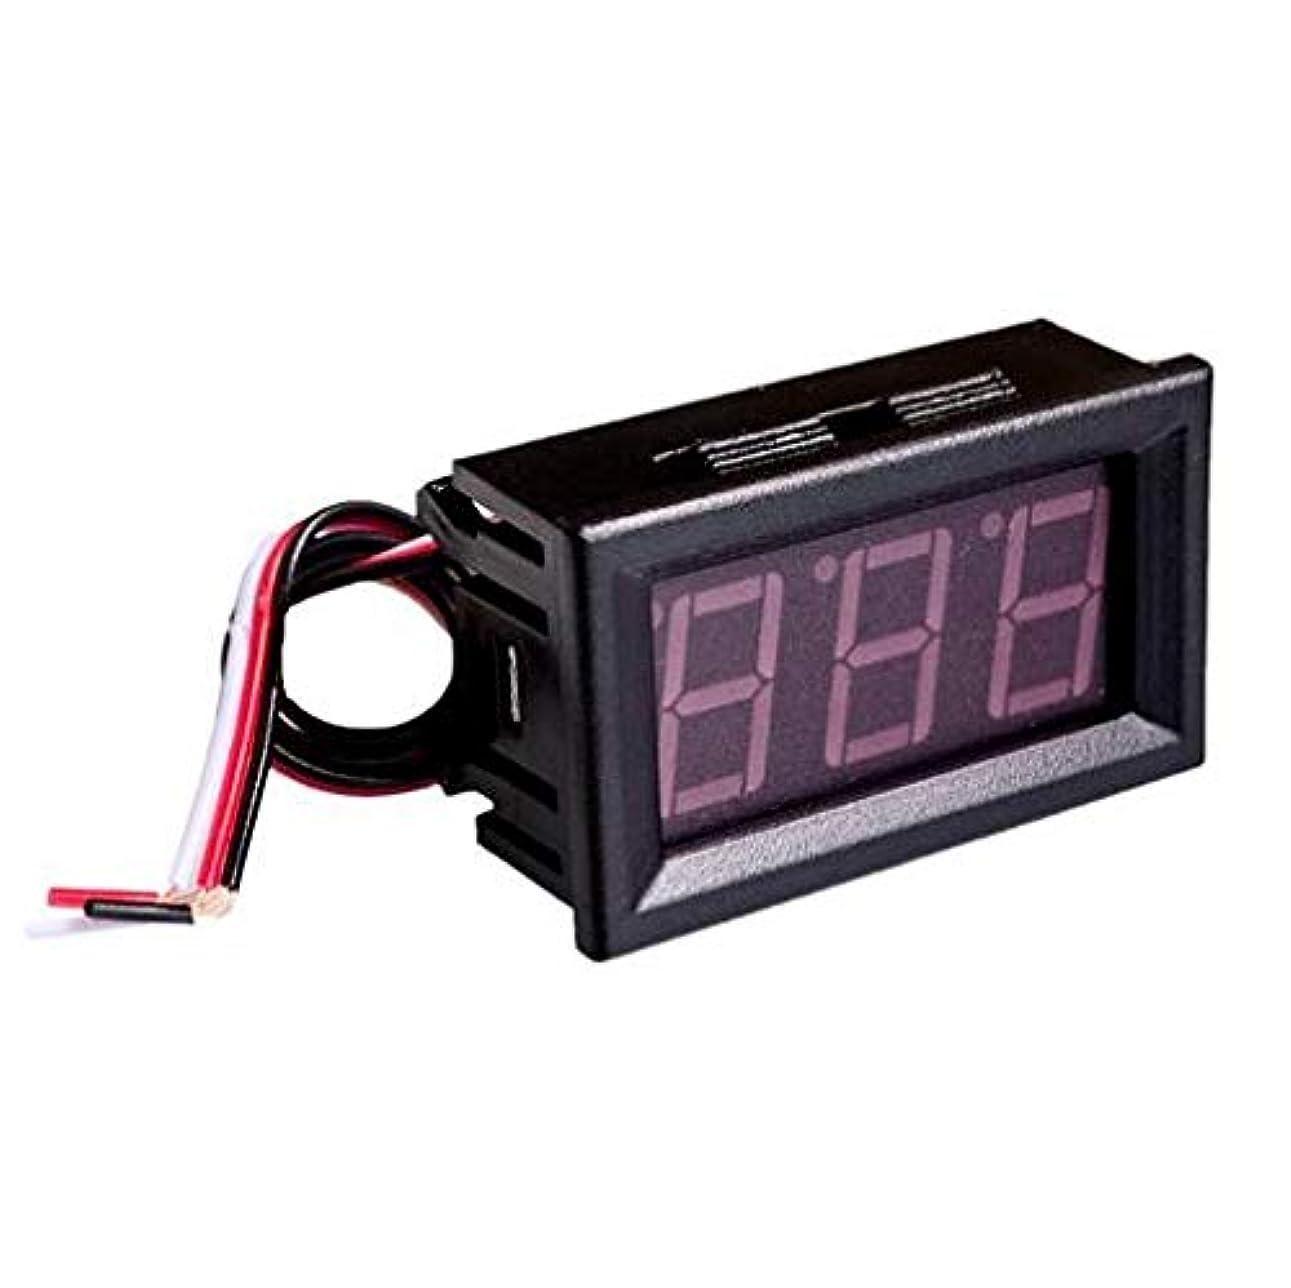 煩わしい数学咽頭WillBest 0.56 inch LCD DC 4.5-30V Red LED Panel Meter Digital Voltmeter with three-wire Electrical Instruments Voltage Meters